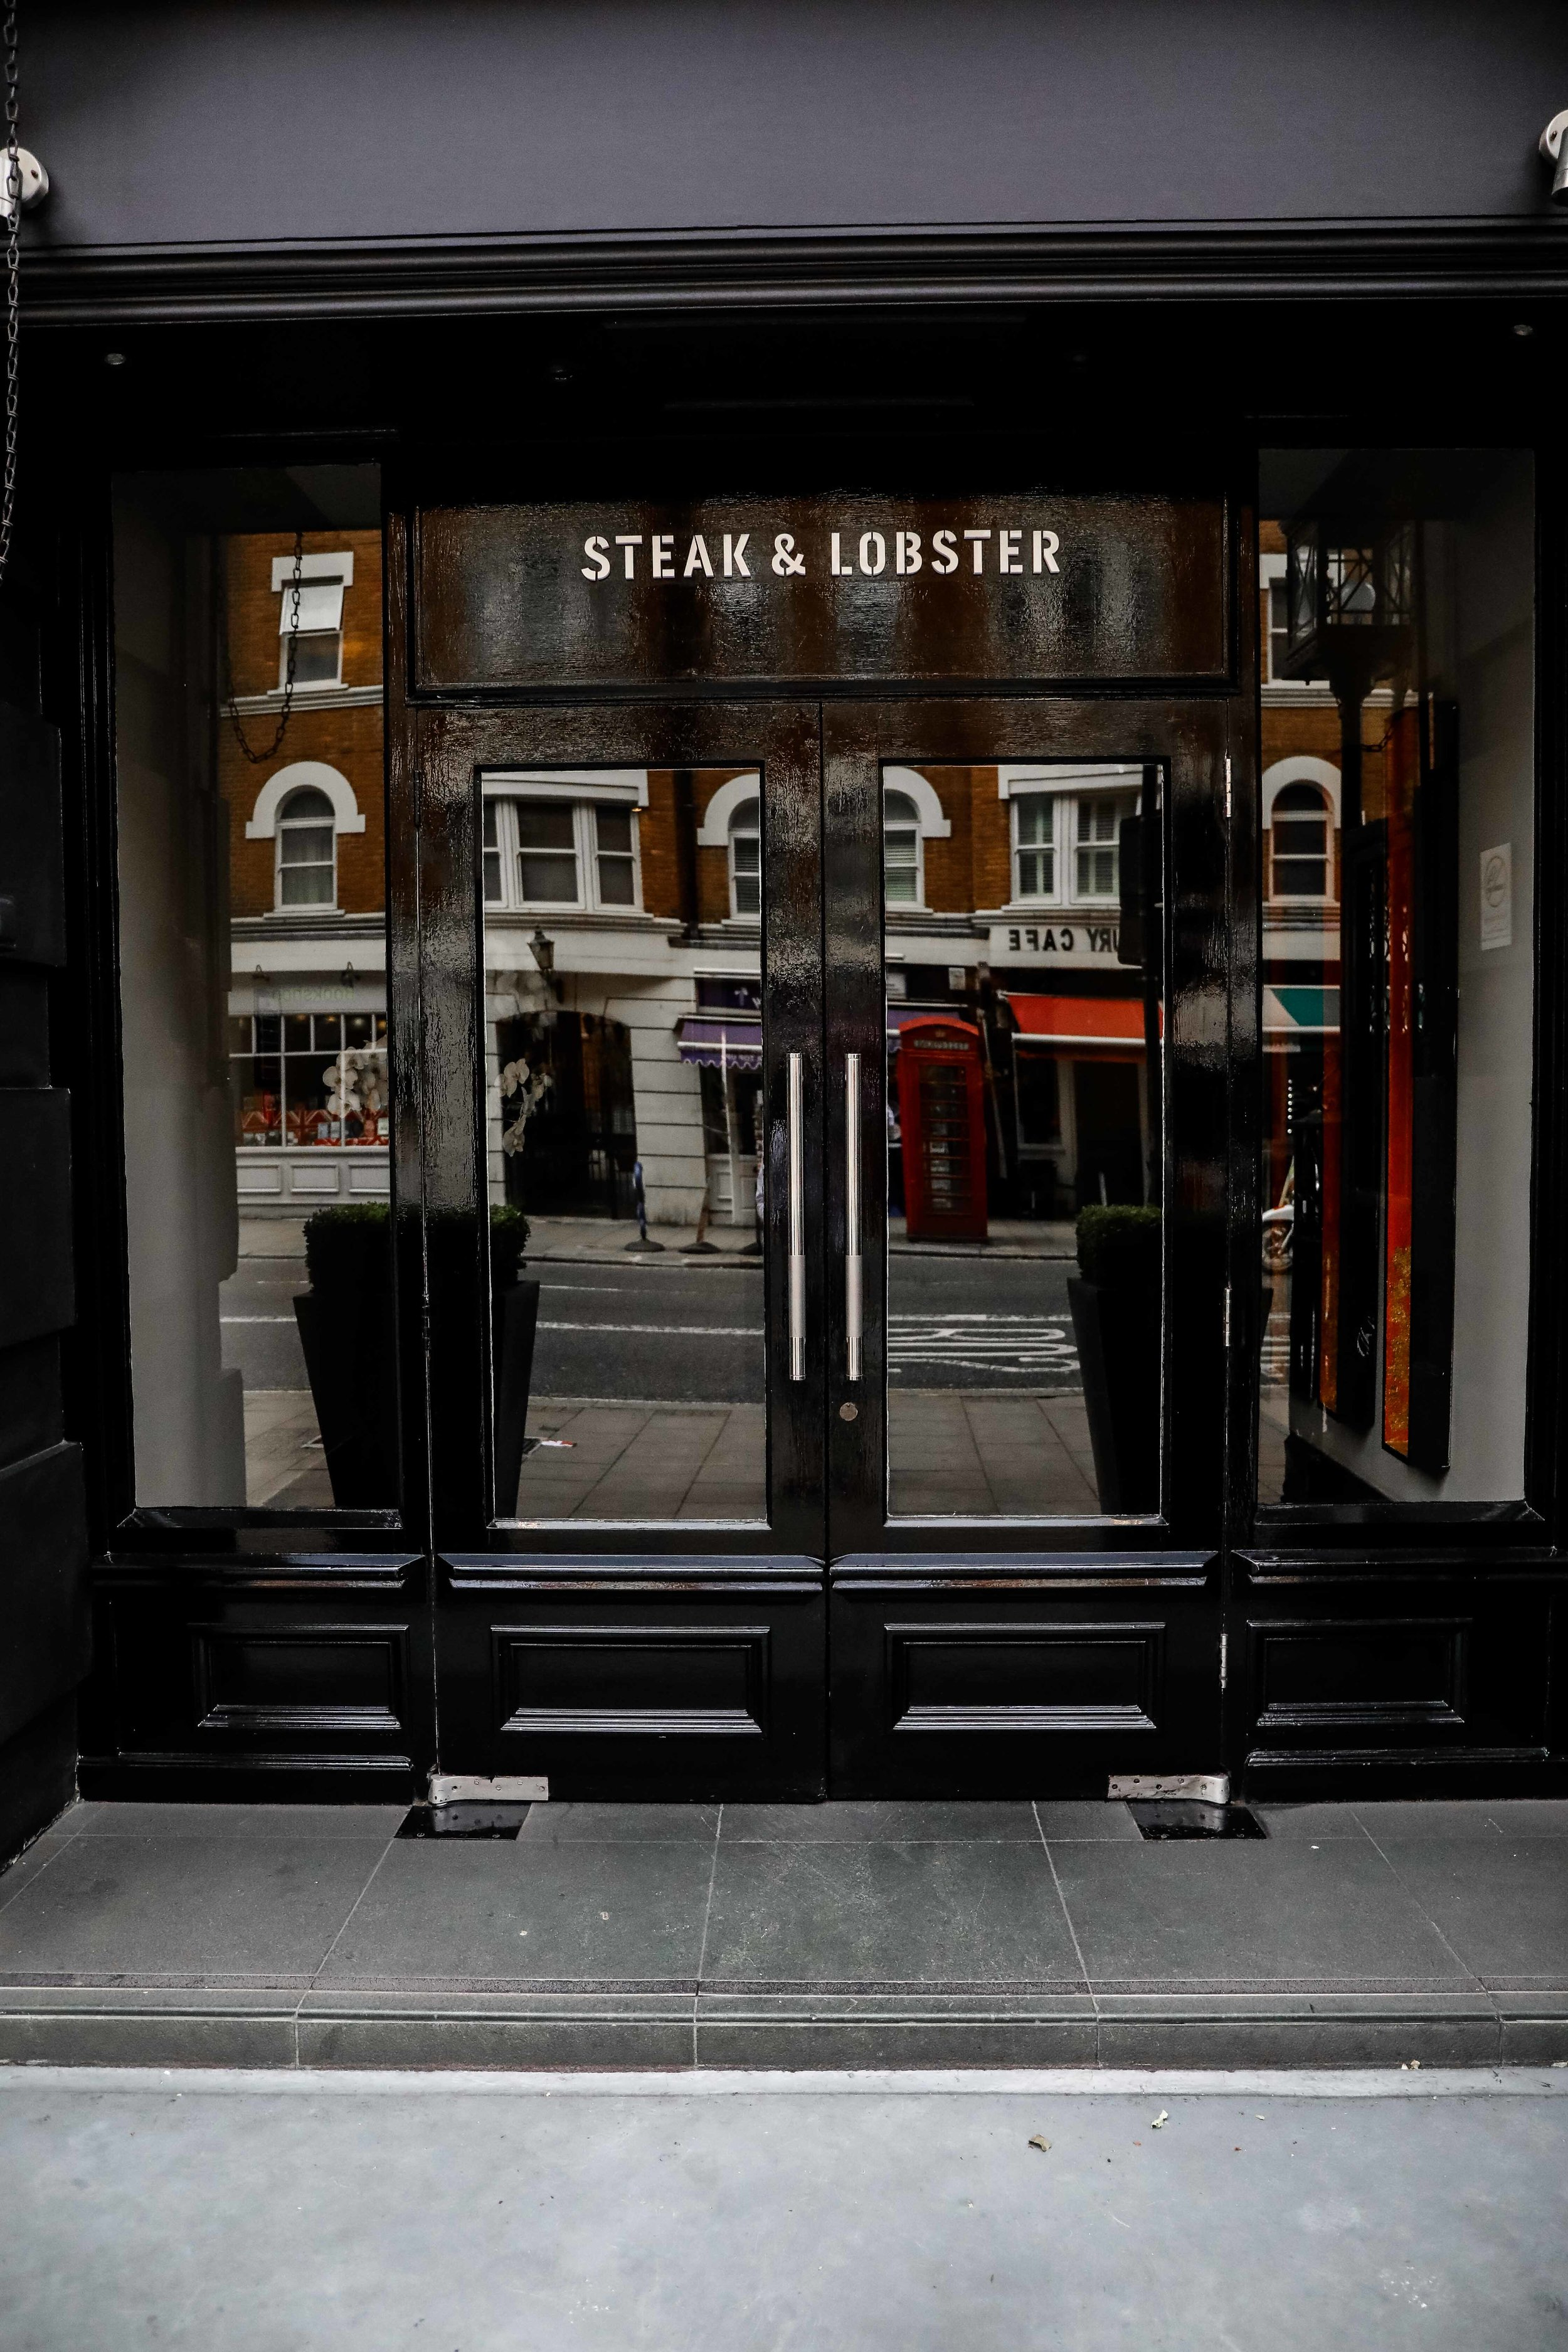 Steak & Lobster restaurant inside the hotel.